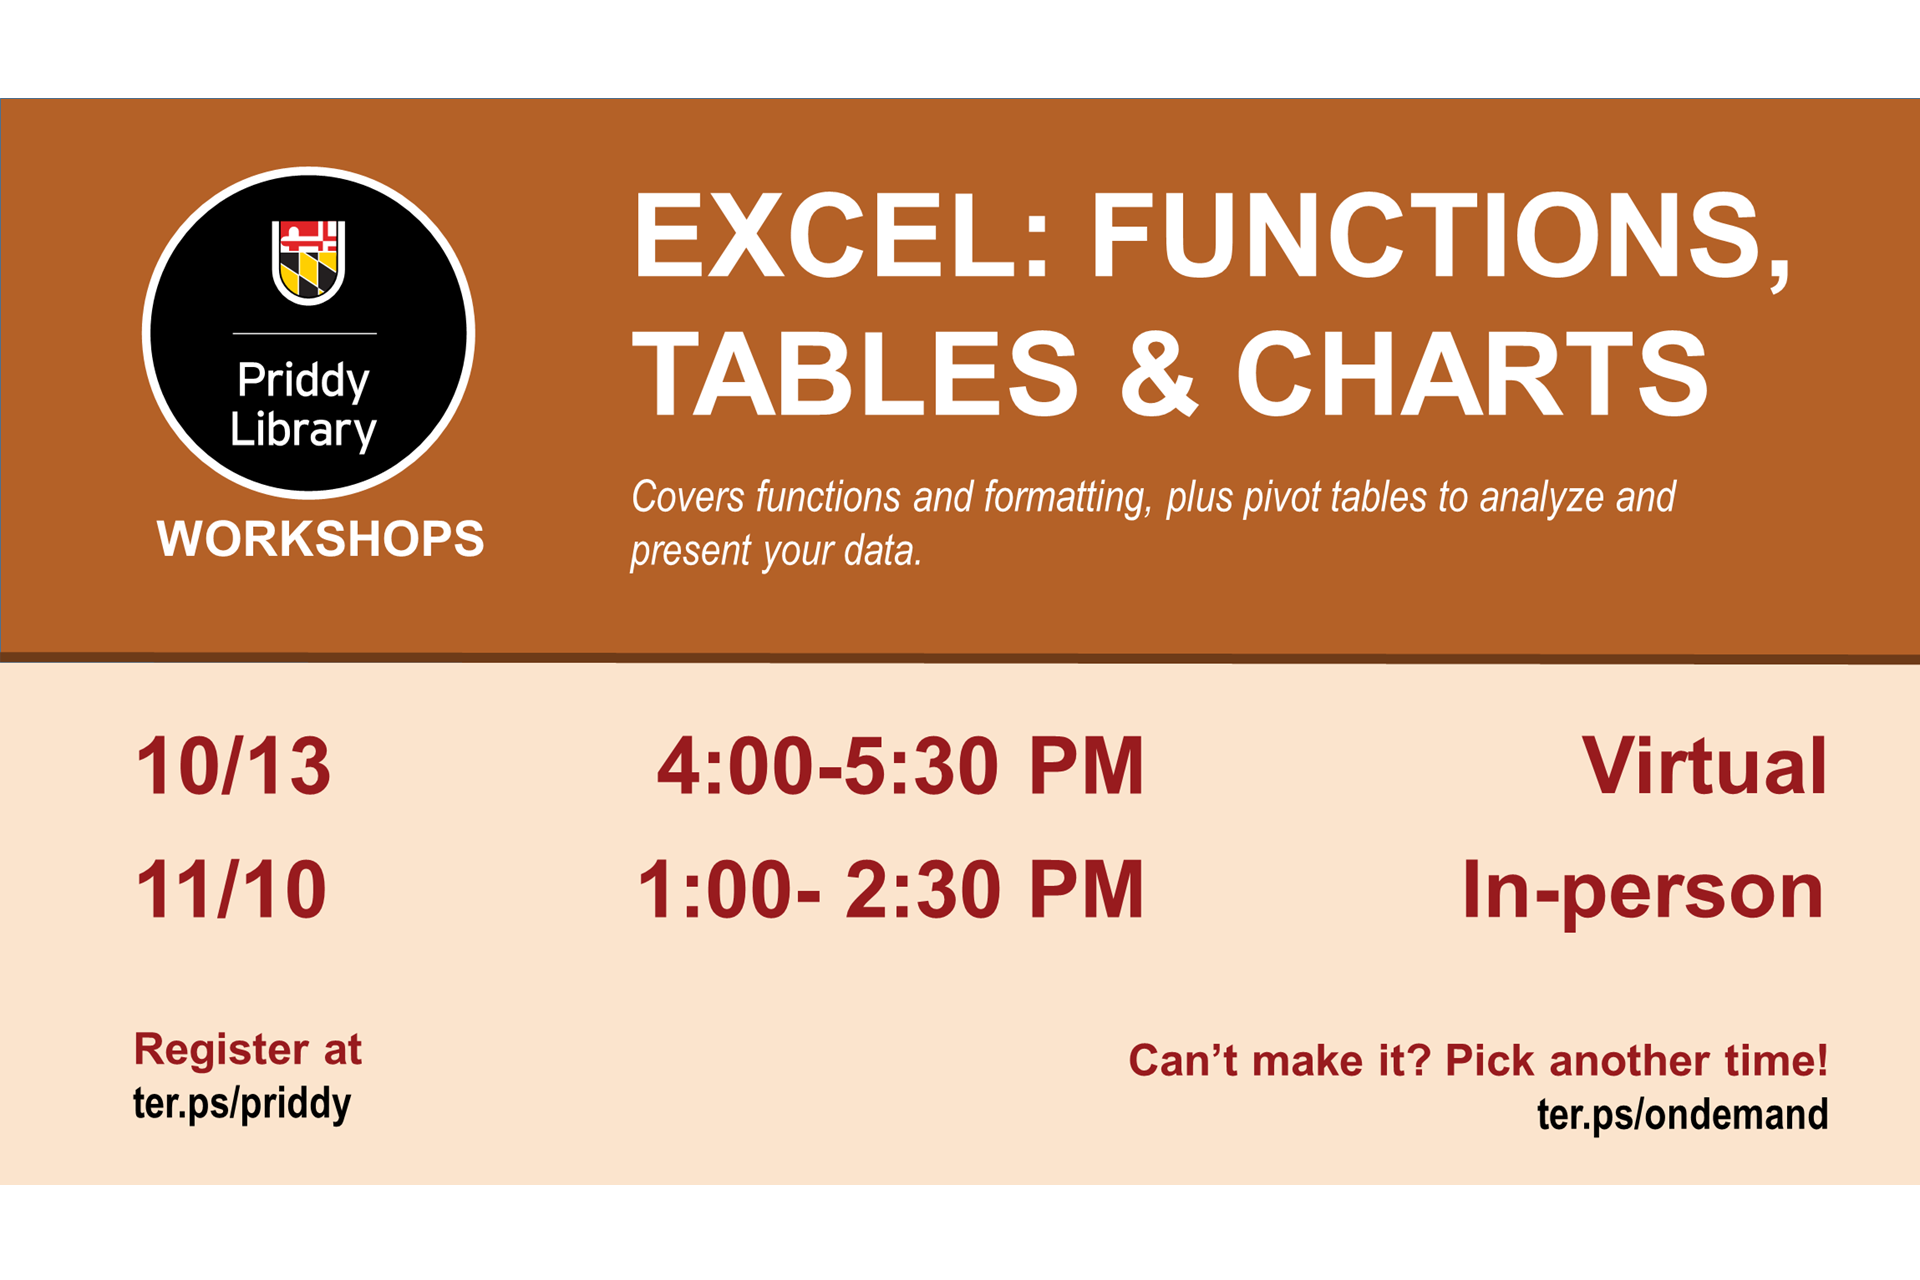 Excel workshop flyer